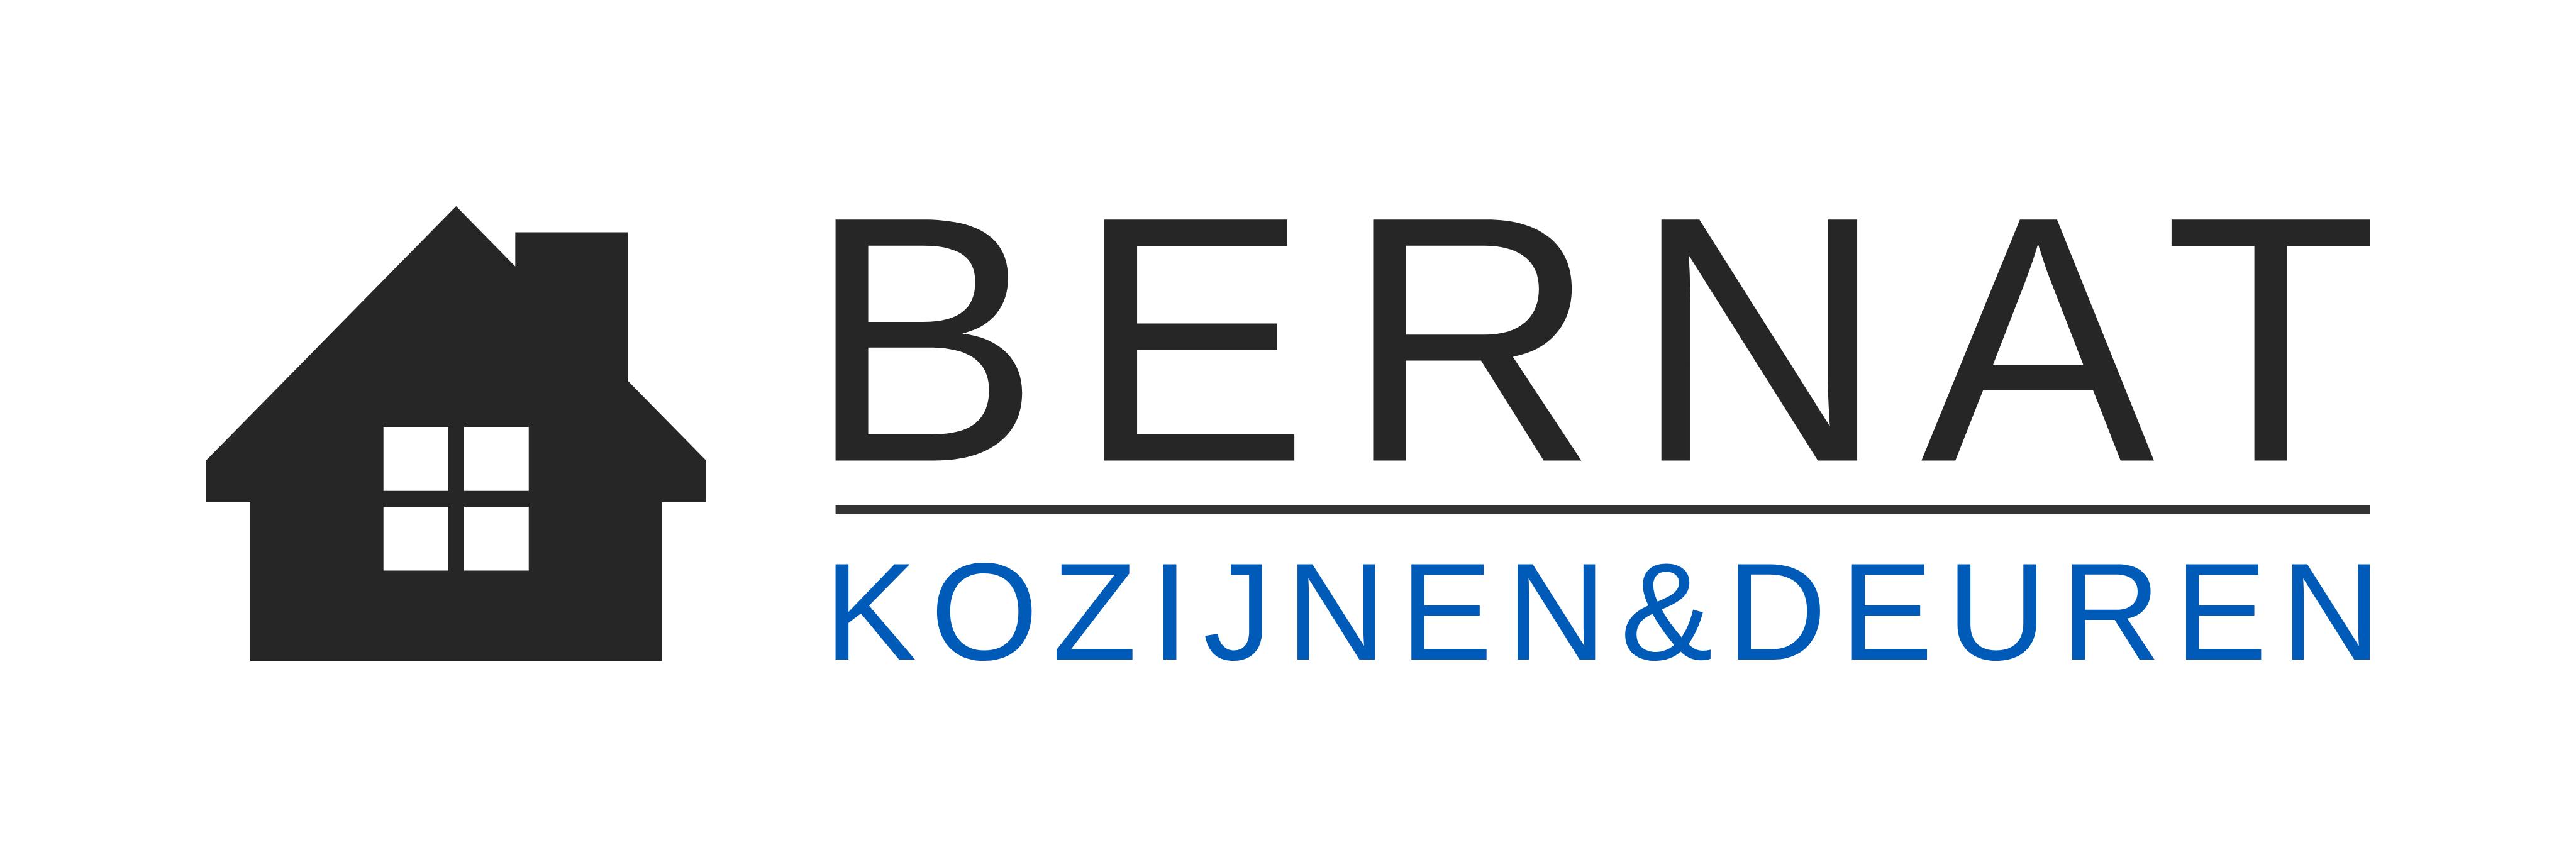 Bernat Kozijnen